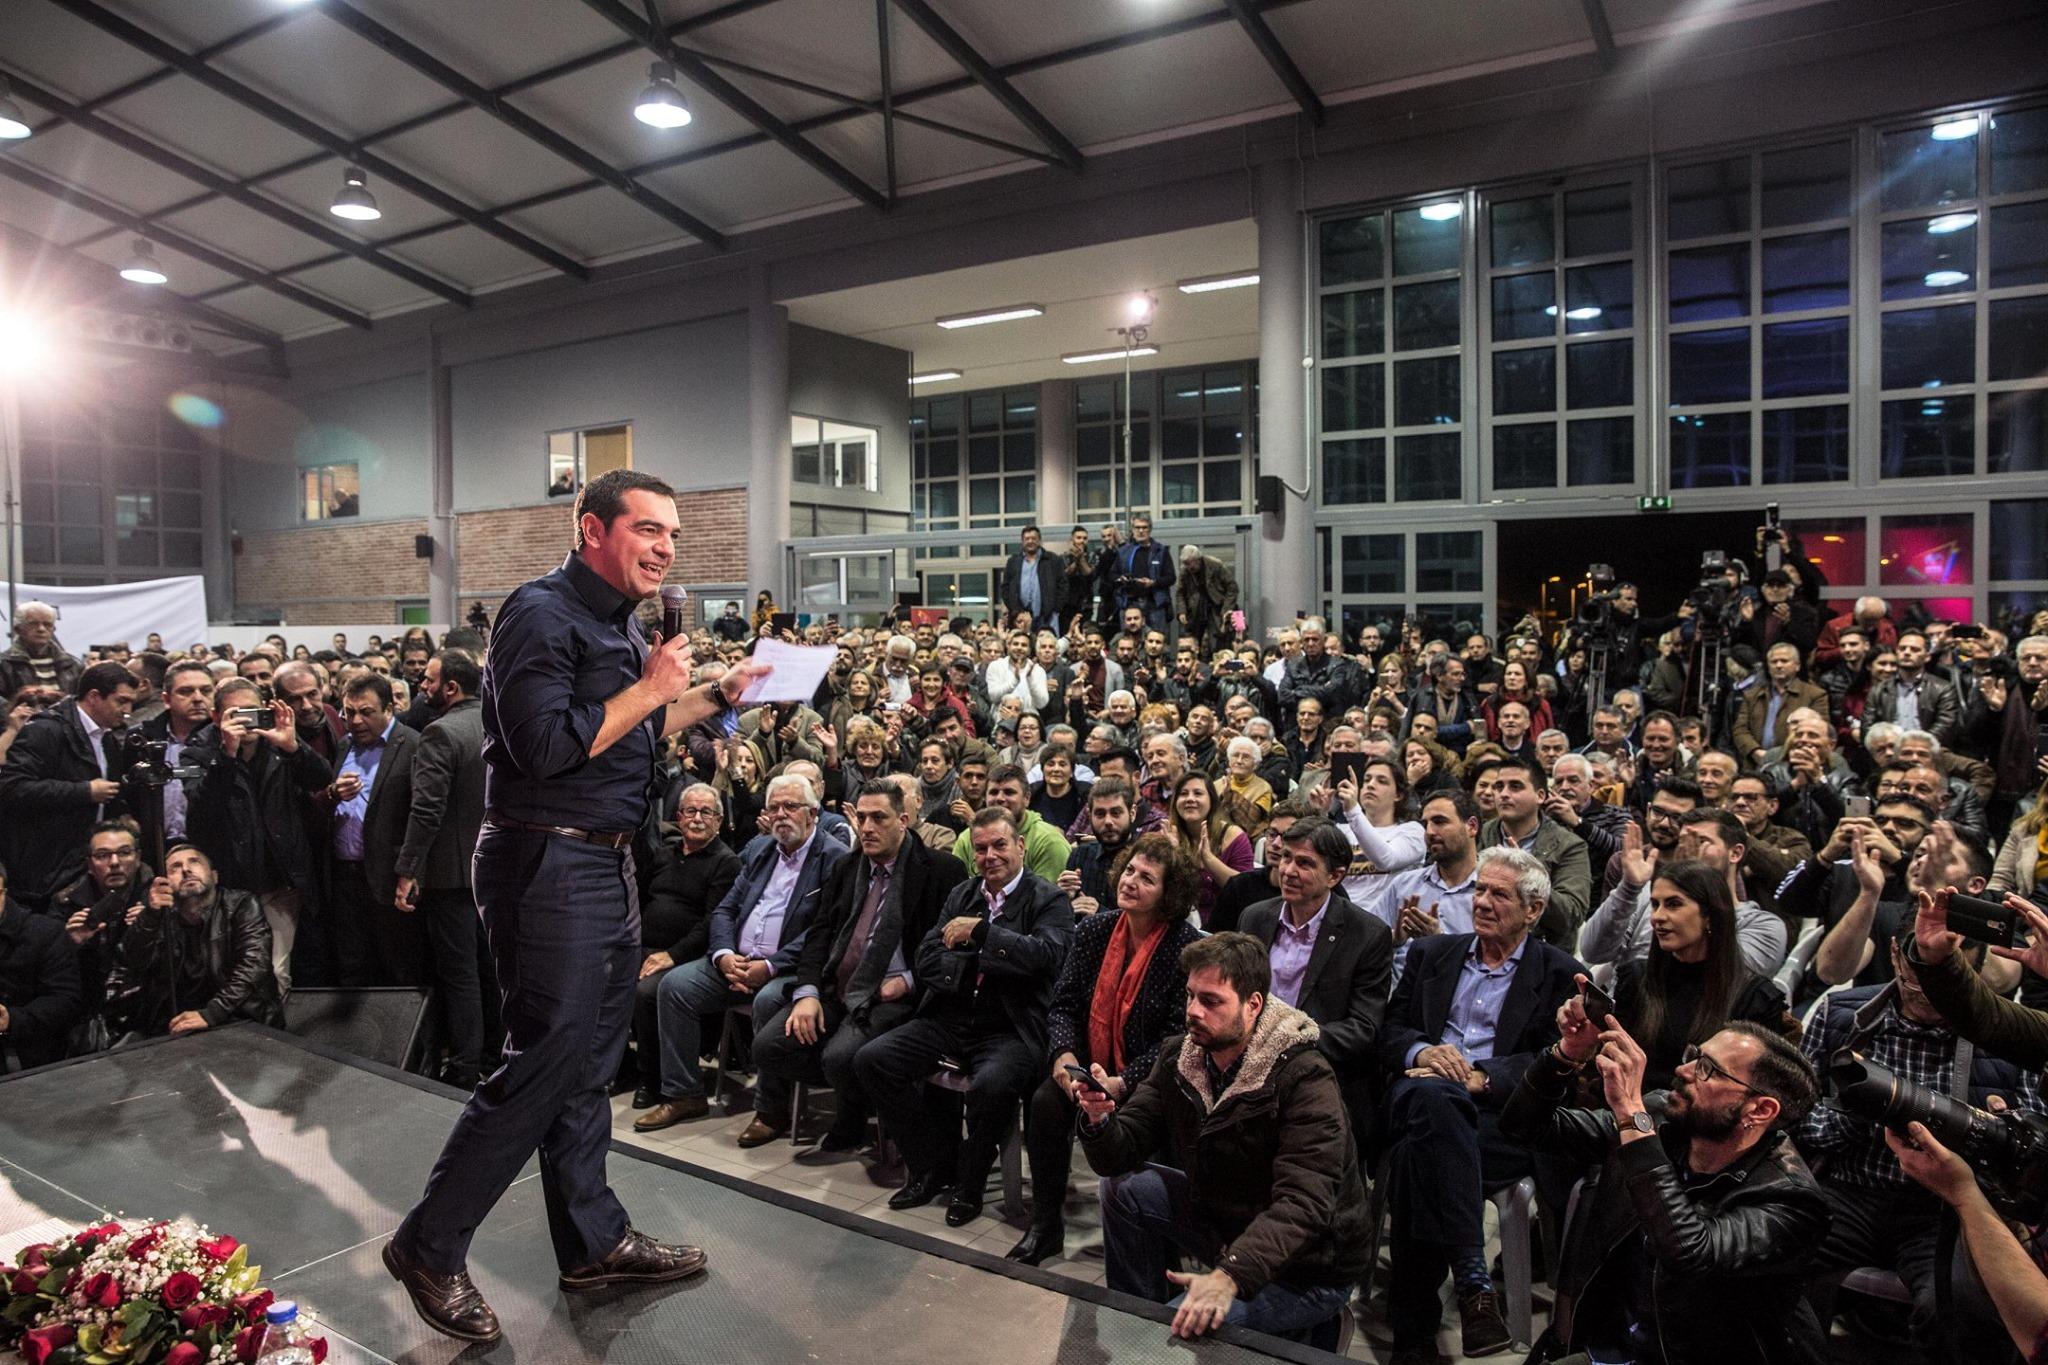 Ο Αλ. Τσίπρας από τον Πύργο: «Aρχίζουν να ξεθωριάζουν οι υποσχέσεις της ΝΔ και διαφαίνεται το σχέδιο της εξαπάτησης του ελληνικού λαού - Τι είπε για Πάτρα-Πύργος, Hot spot  και ΤΕΦΑΑ στον Πύργο (ΒΙΝΤΕΟ - photos)